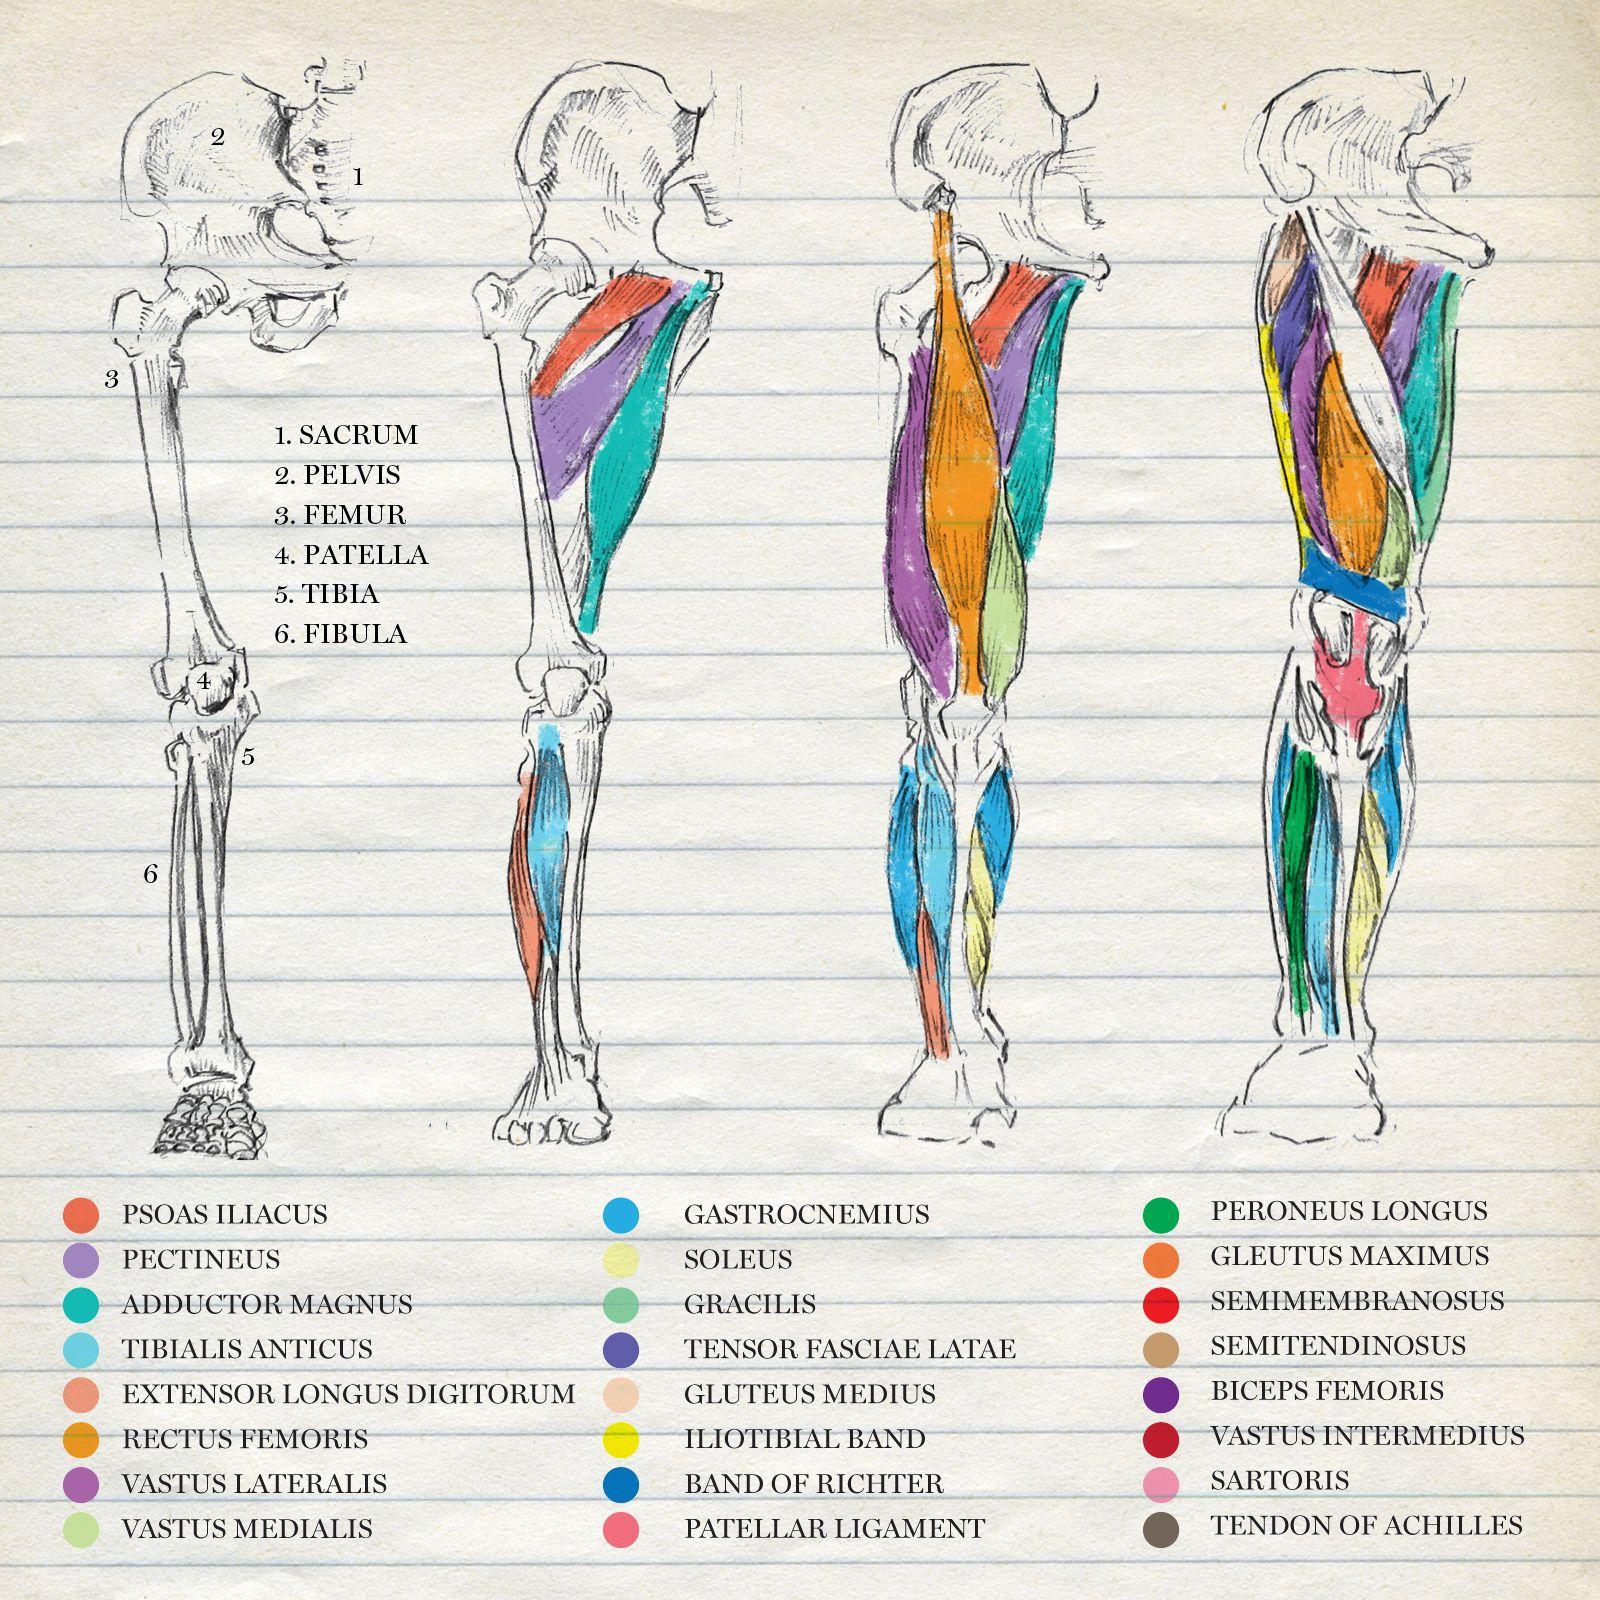 Músculos miembro inferior | Notes | Pinterest | Miembro, Músculos y ...